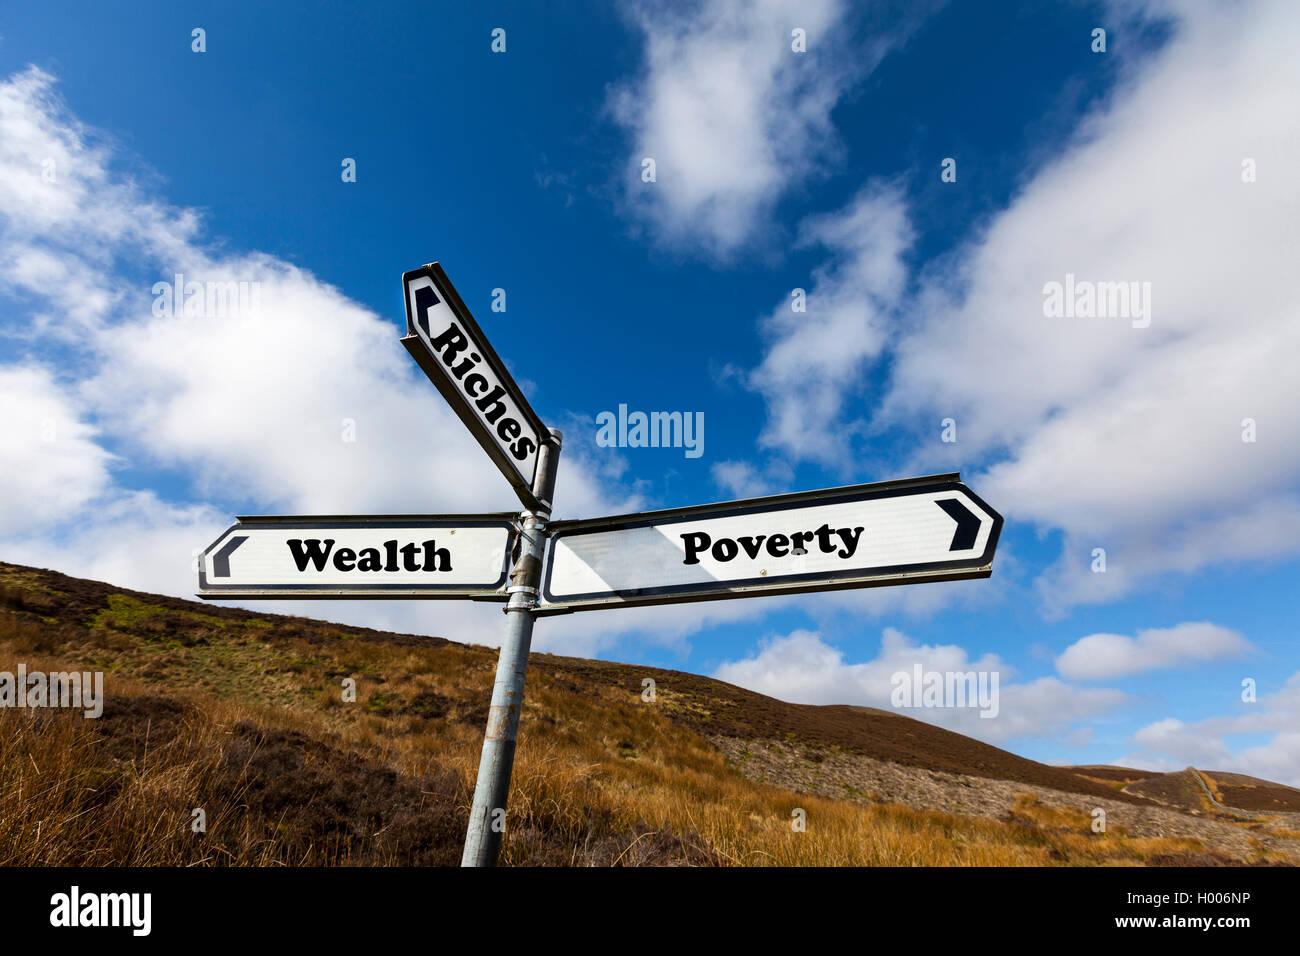 La povertà ricchezza ricchezze denaro concetto lifestyle cartello stradale scelta scegli la vita direzione Immagini Stock